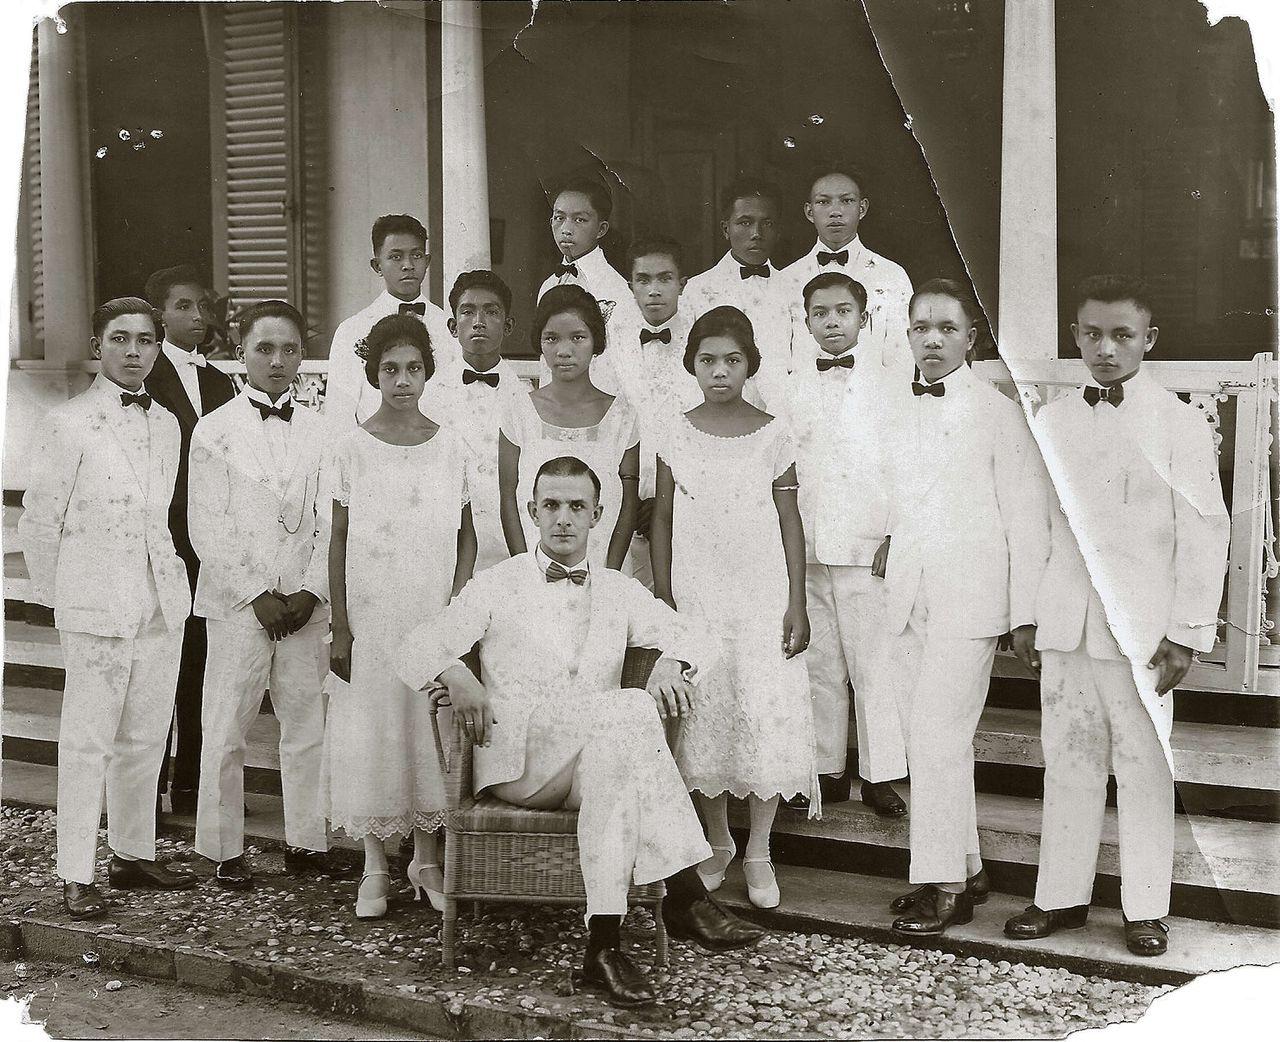 Dominee Ernst de Vreede bij de pastorie in Ambon Stad op 12 april 1926. Echtgenote Henny de Vreede-Bomers, die kort daarna vermoord werd, schreef over dit portret in een brief aan haar familie in 1926: 'Een van de aannemelingen moest al van het avondmaal geweerd worden wegens onzedelijkheid, maar de aanklacht was met zoveel laster en haat omgeven, dat ook de beschuldigers dezelfde straf trof. Ja, 't blijven inlanders. Vanmiddag komen ze allemaal met Ernst op het portret.'